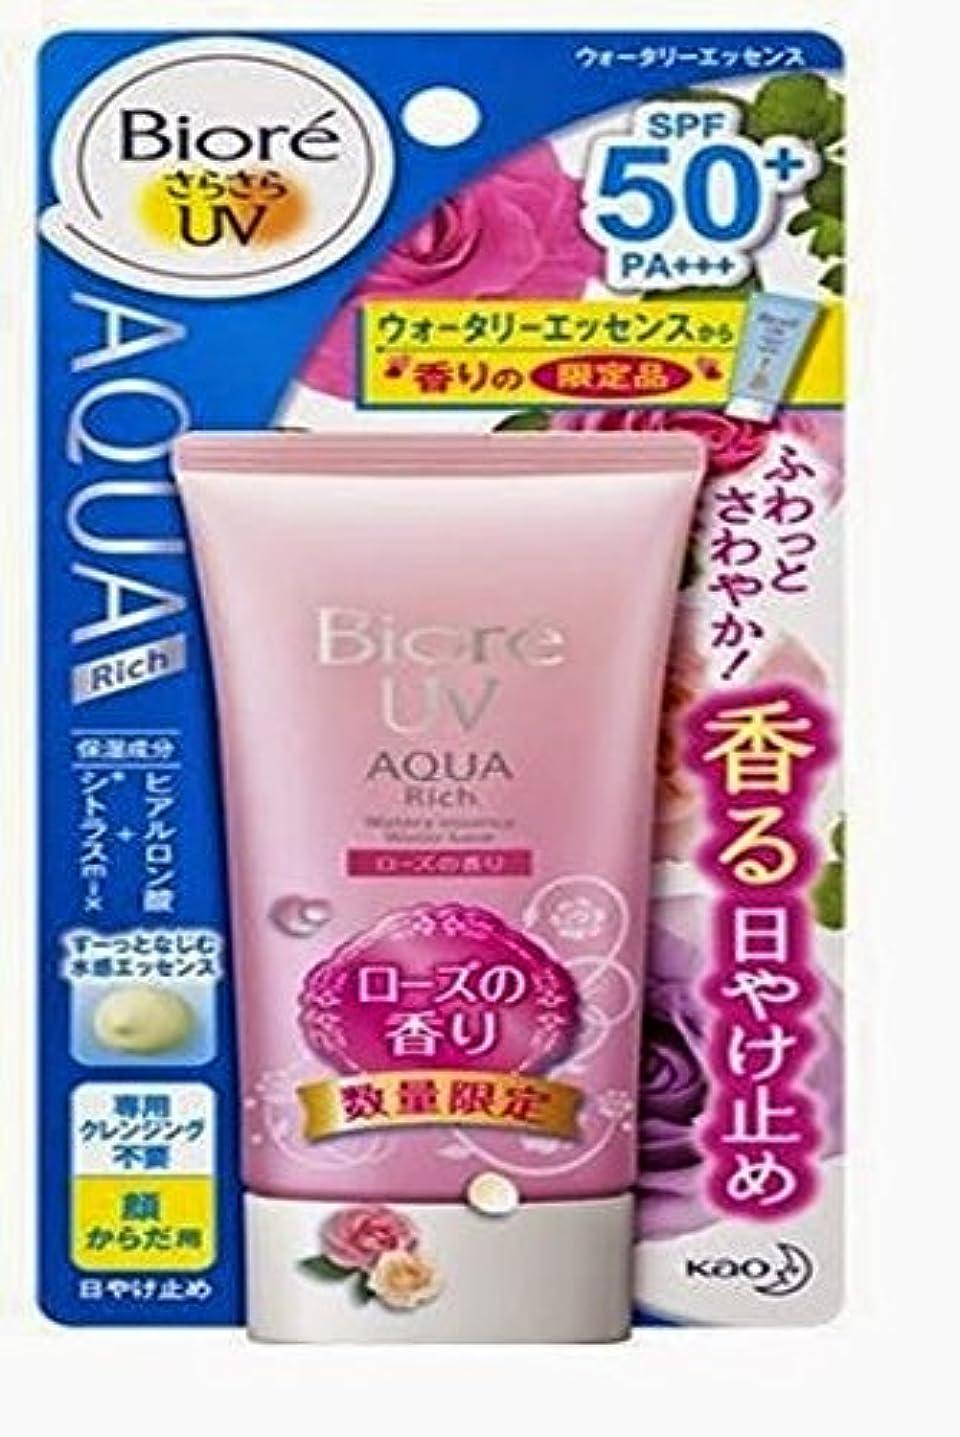 回る息切れ薄暗いBiore Uv Aqua Rich Watery Essenceローズspf50?+ / PA + + + 50?g